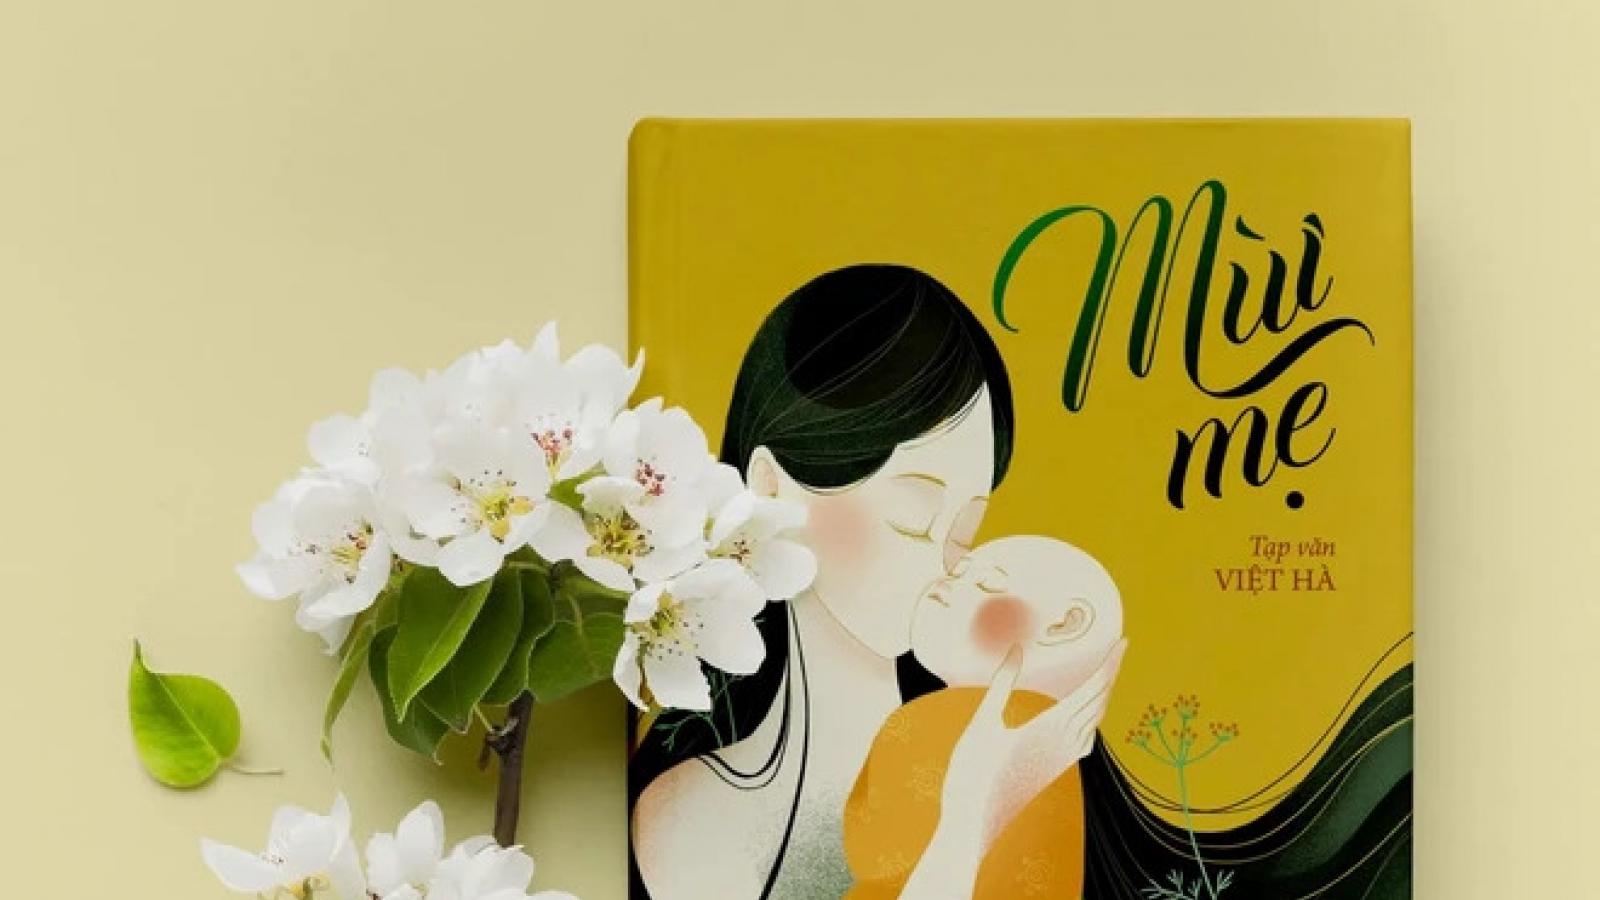 """""""Mùi mẹ"""", cuốn sách ý nghĩa ra mắt vào dịp Ngày Phụ nữ Việt Nam 20/10"""